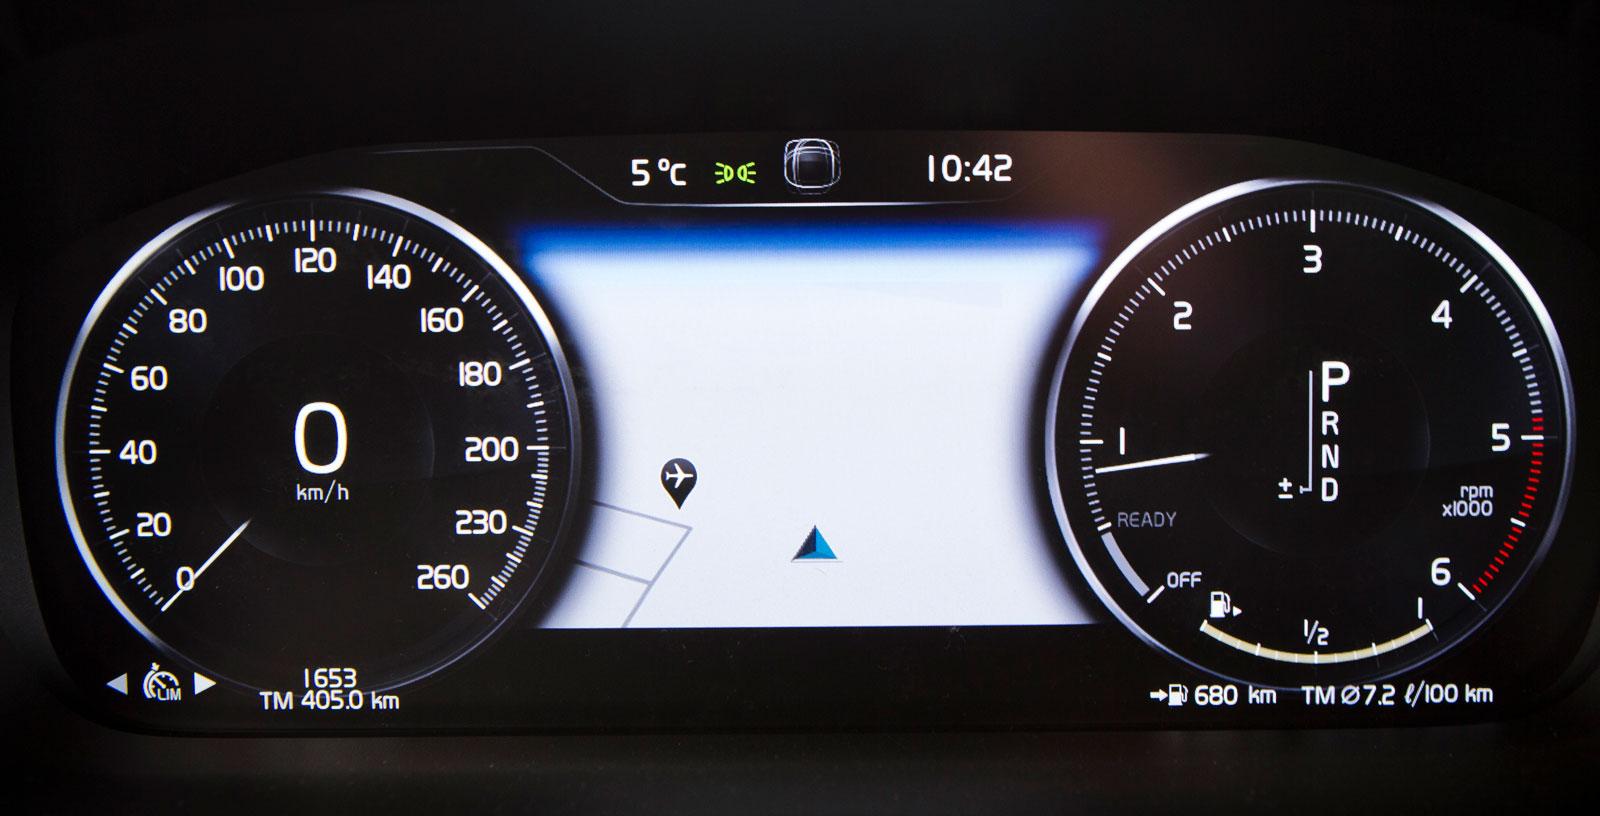 Instrumenteringen i V60 är av samma typ som i alla nyare Volvo-modeller. Avskalat och tydligt men inte med möjlighet till samma variation som i Audi.